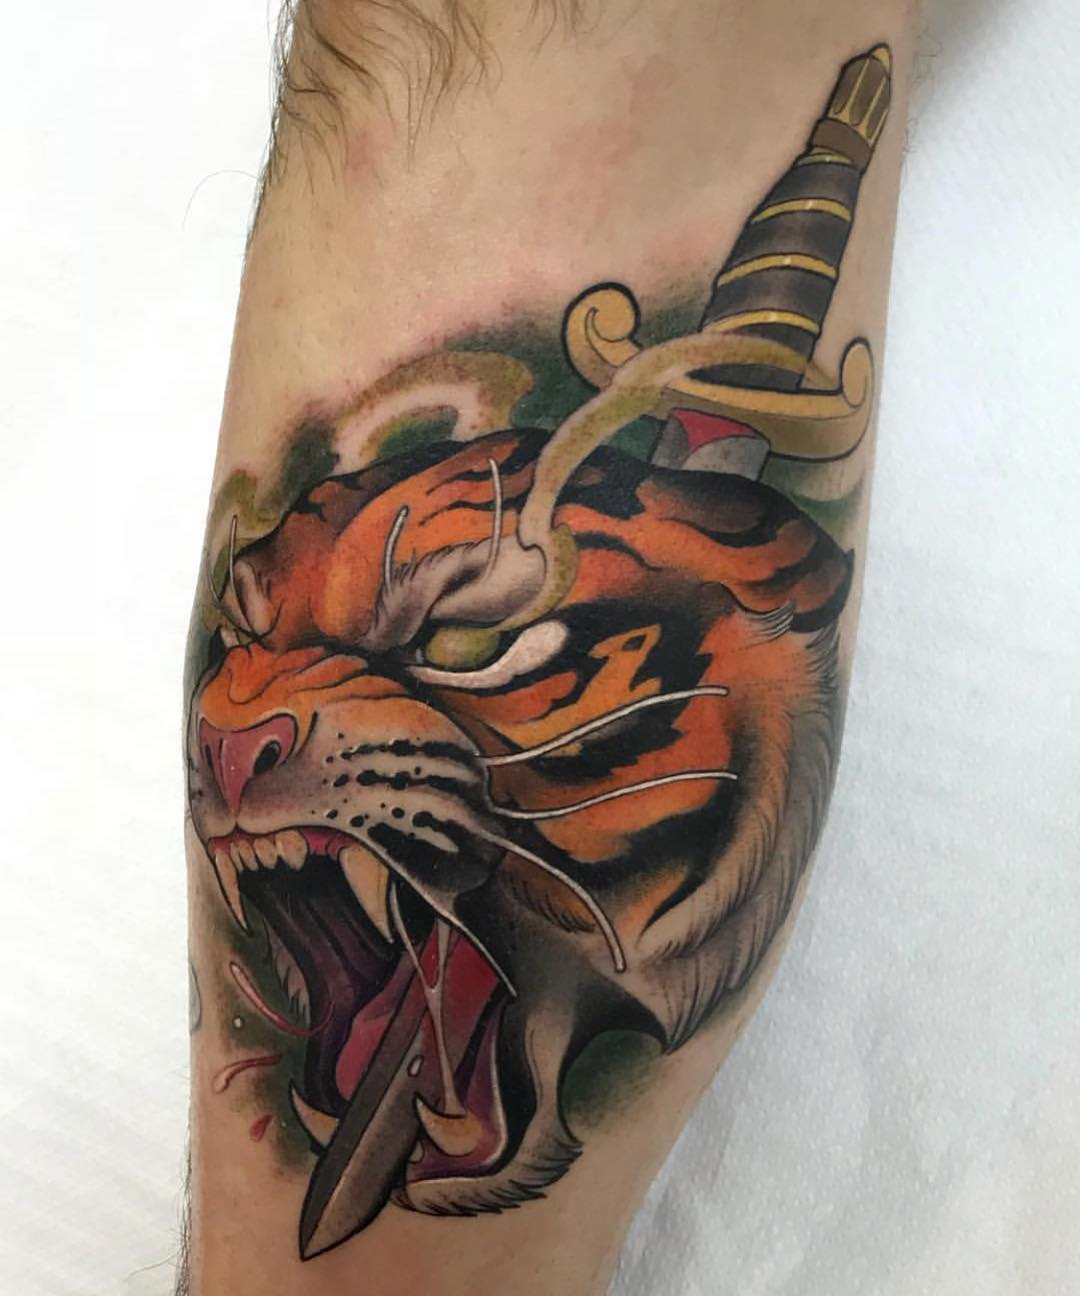 小腿彩色写实虎头匕首纹身图案